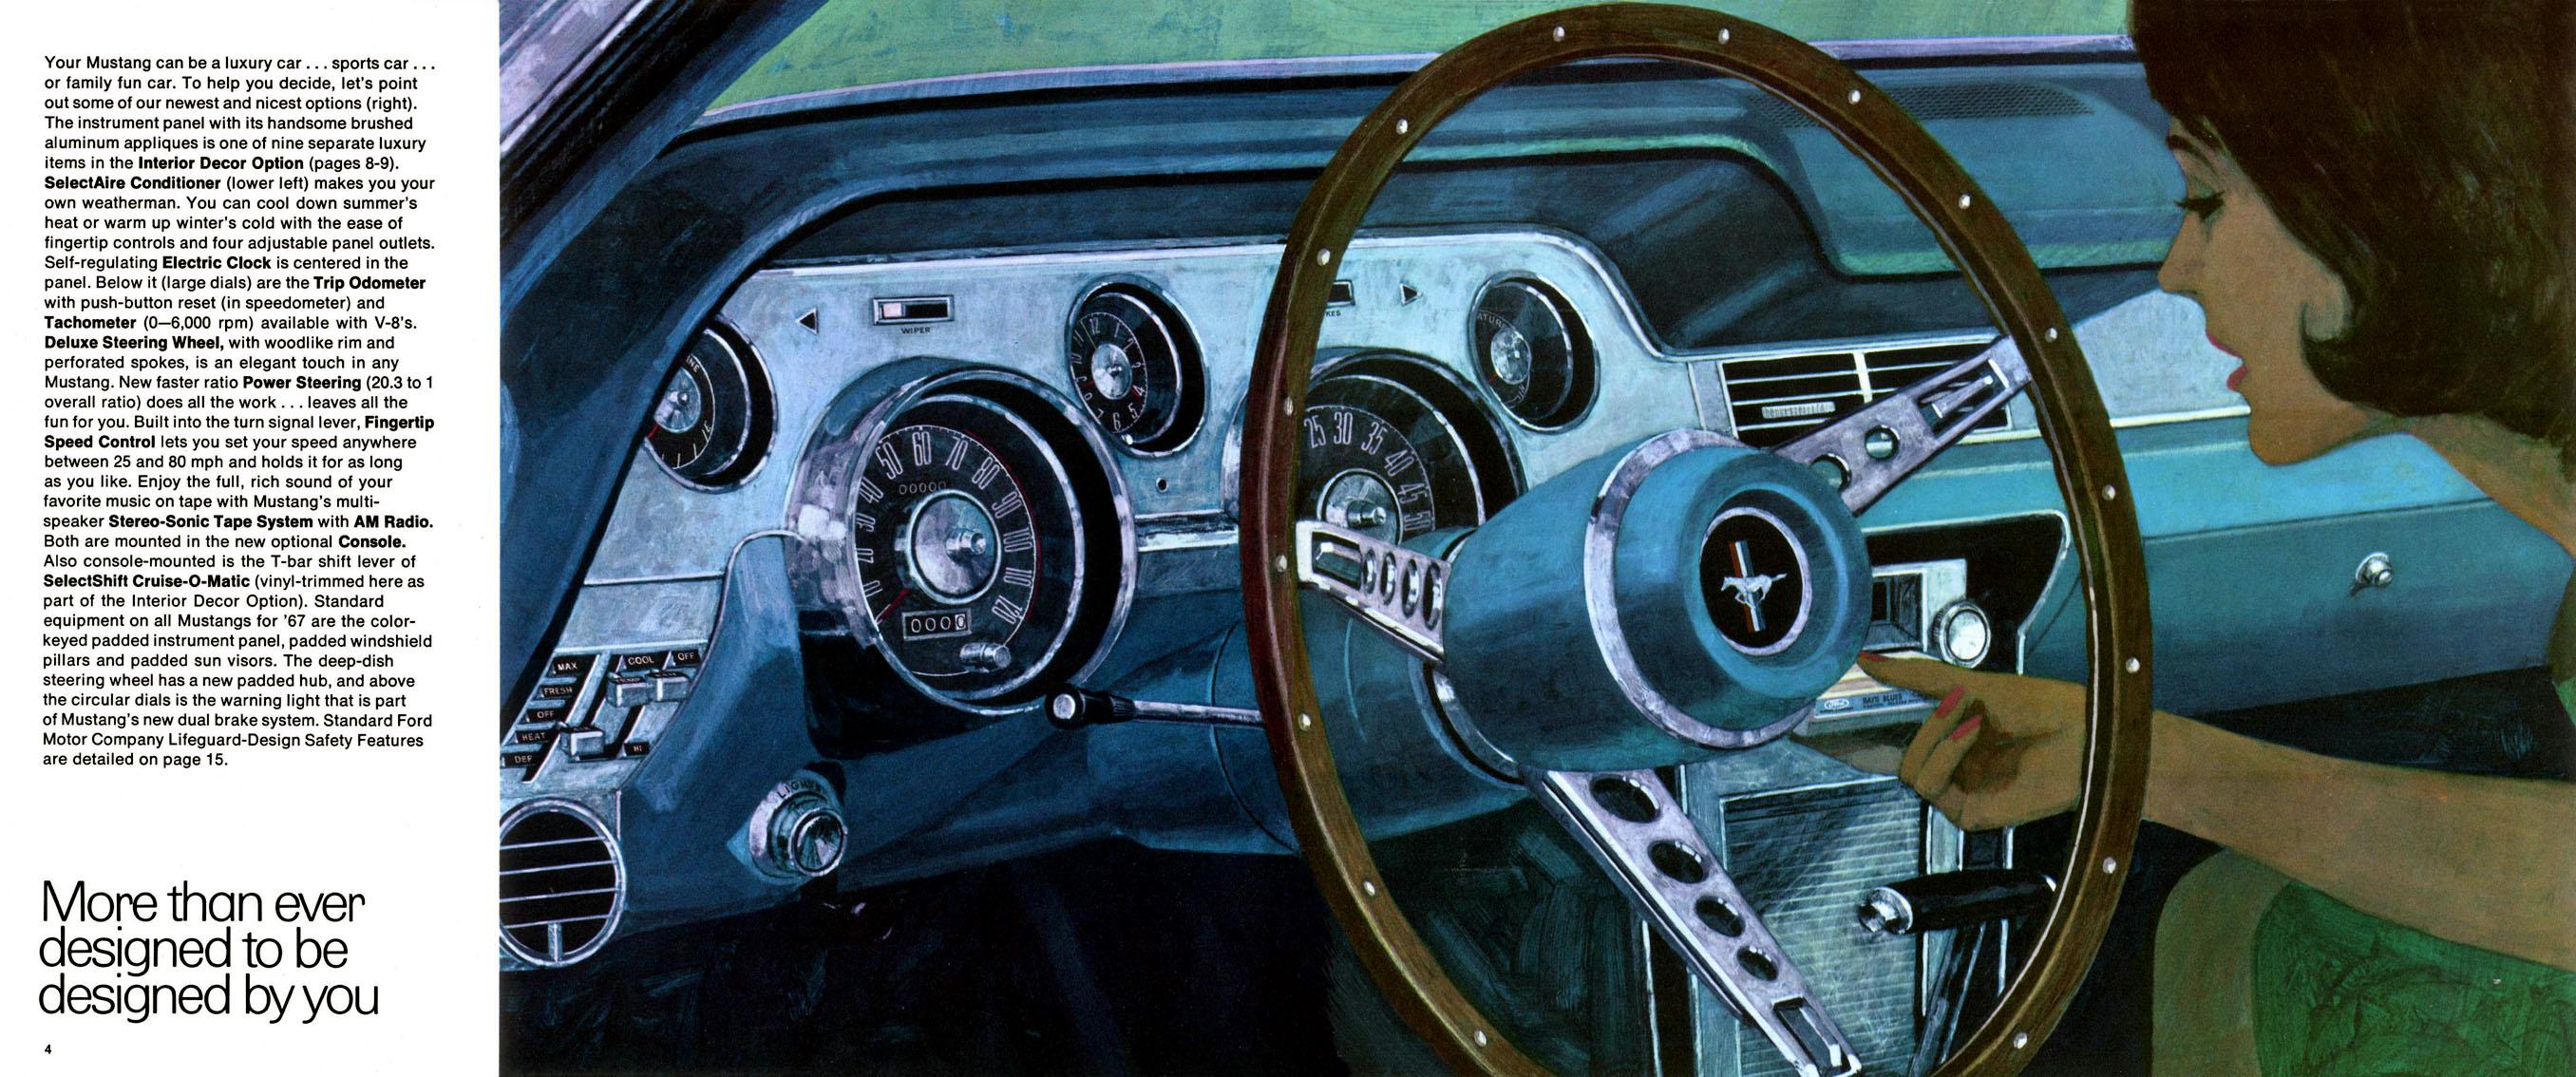 1967 Mustang Prospekt Seite 4-5